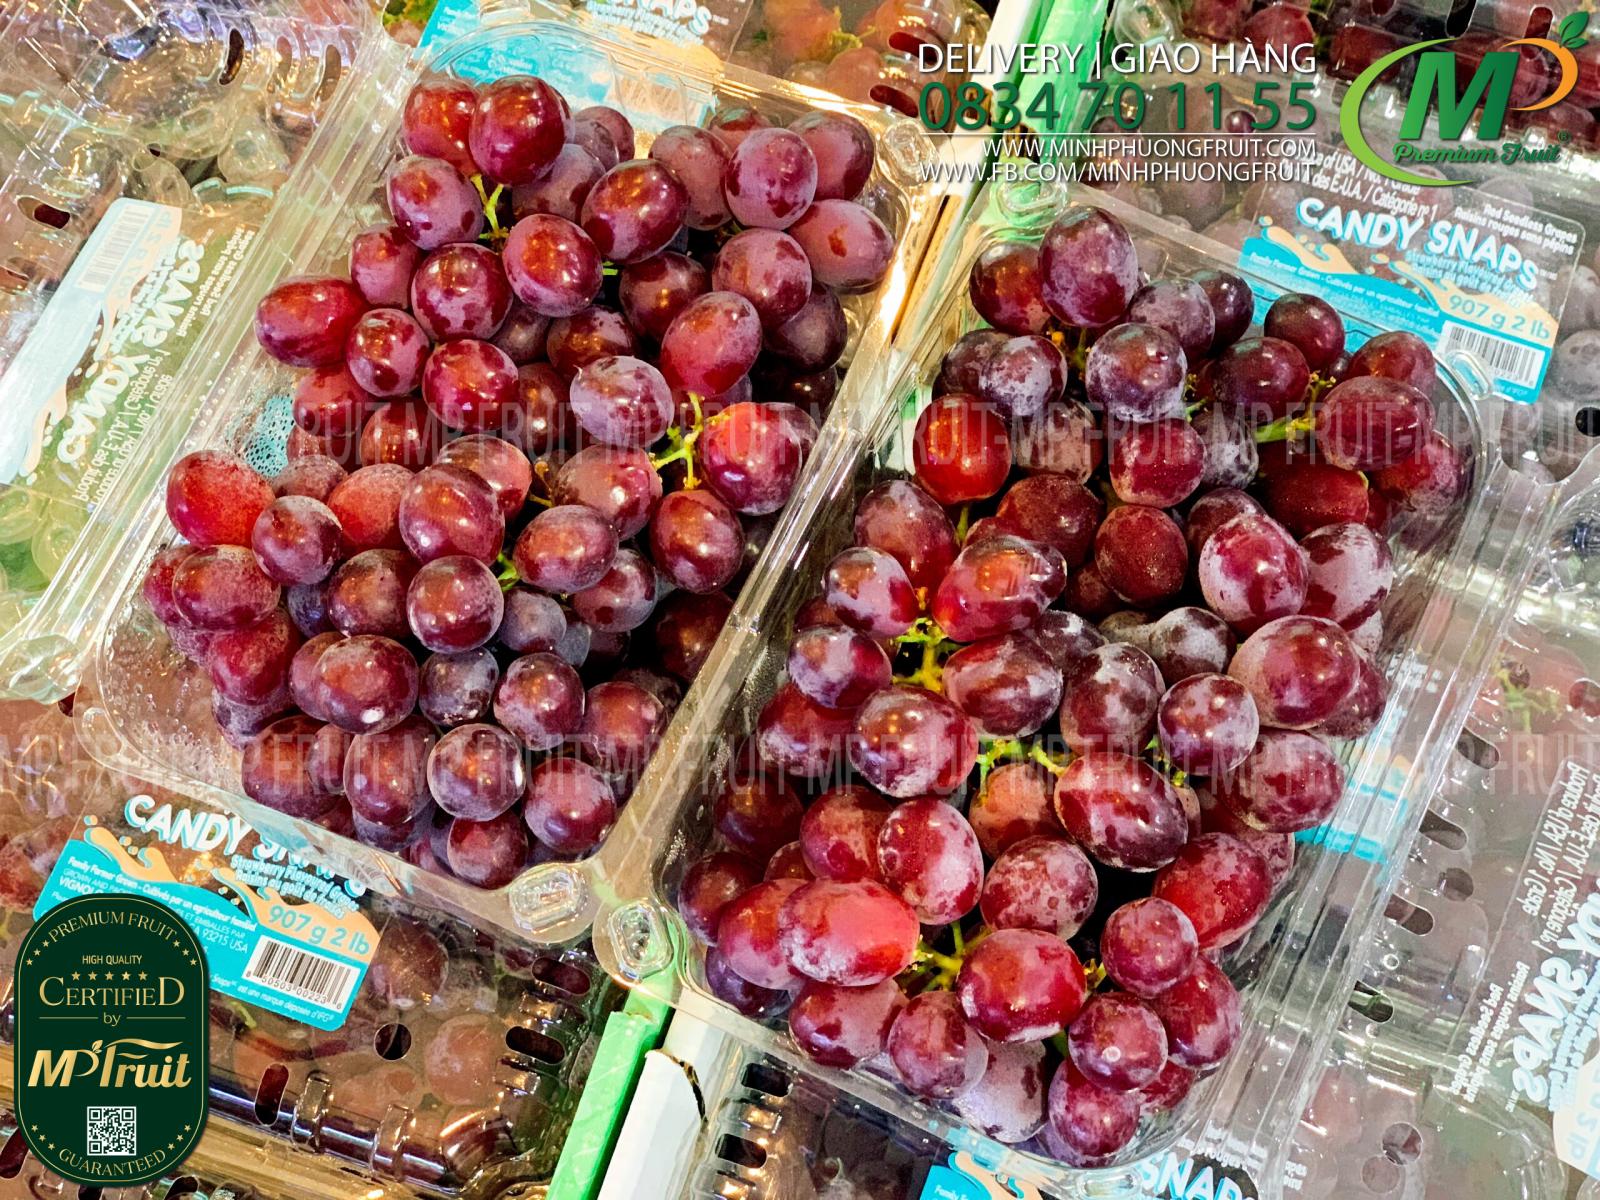 Nho Đỏ Kẹo Candy Snaps Mỹ Hộp 907g tại MP Fruits